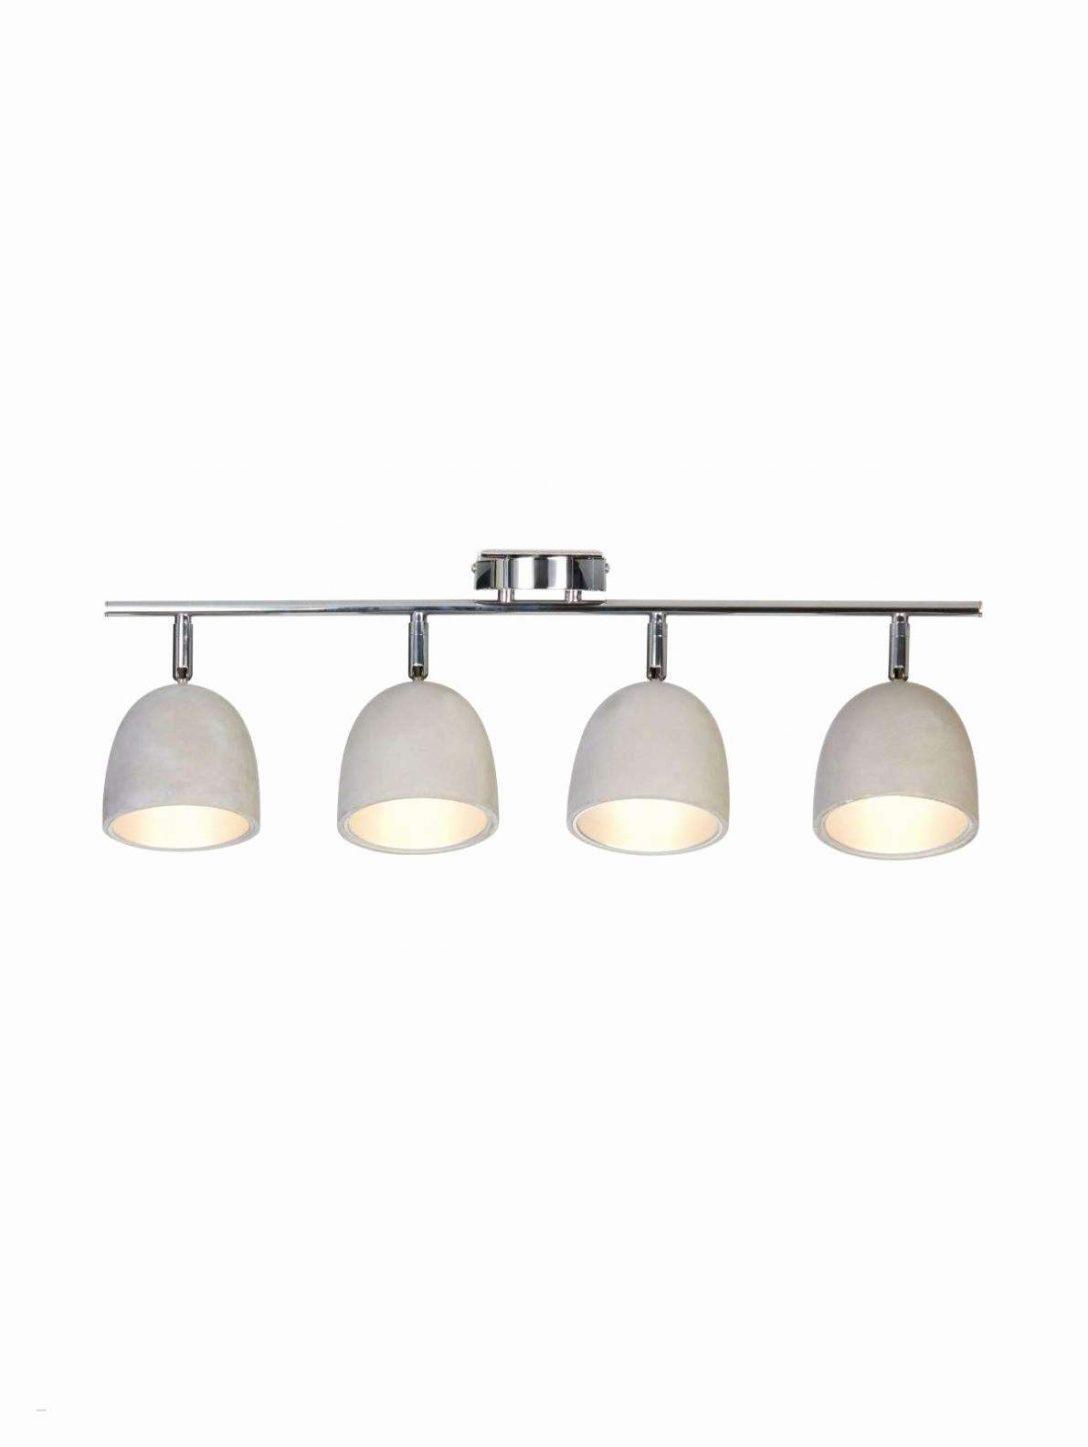 Large Size of Tischlampe Wohnzimmer Tiwohnzimmer Inspirierend Frisch Lampe Modern Deckenleuchte Schrank Schrankwand Hängeleuchte Stehleuchte Lampen Led Wandbilder Kommode Wohnzimmer Tischlampe Wohnzimmer